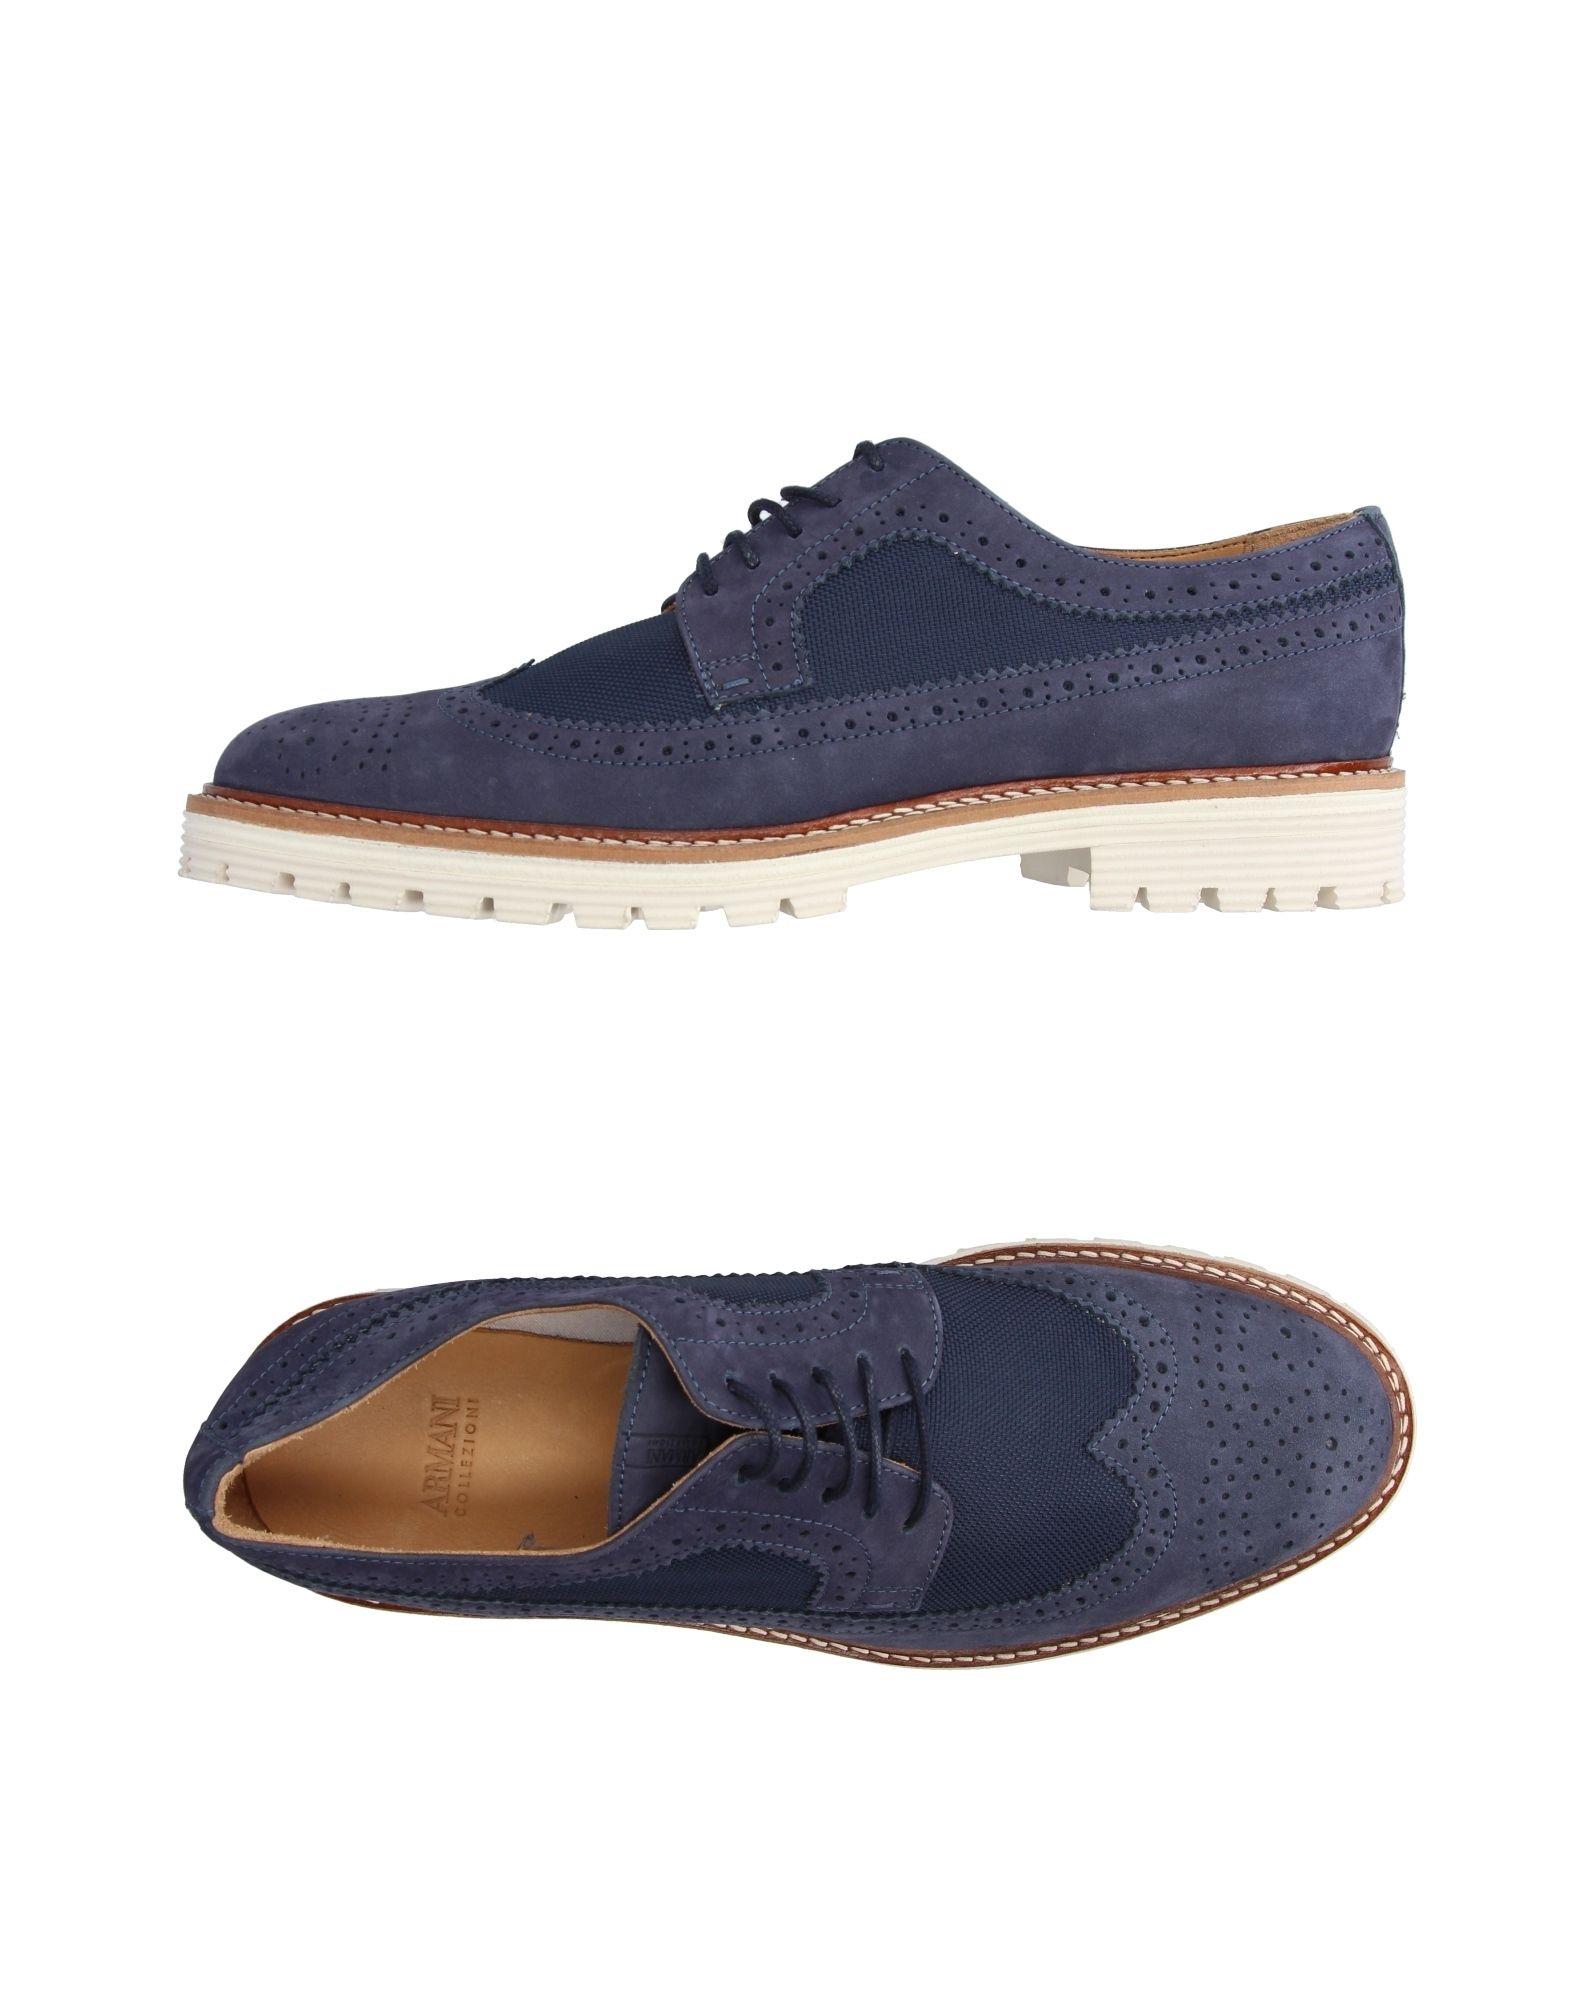 Rabatt echte Schnürschuhe Schuhe Armani Collezioni Schnürschuhe echte Herren 11196059PR 8c52e7